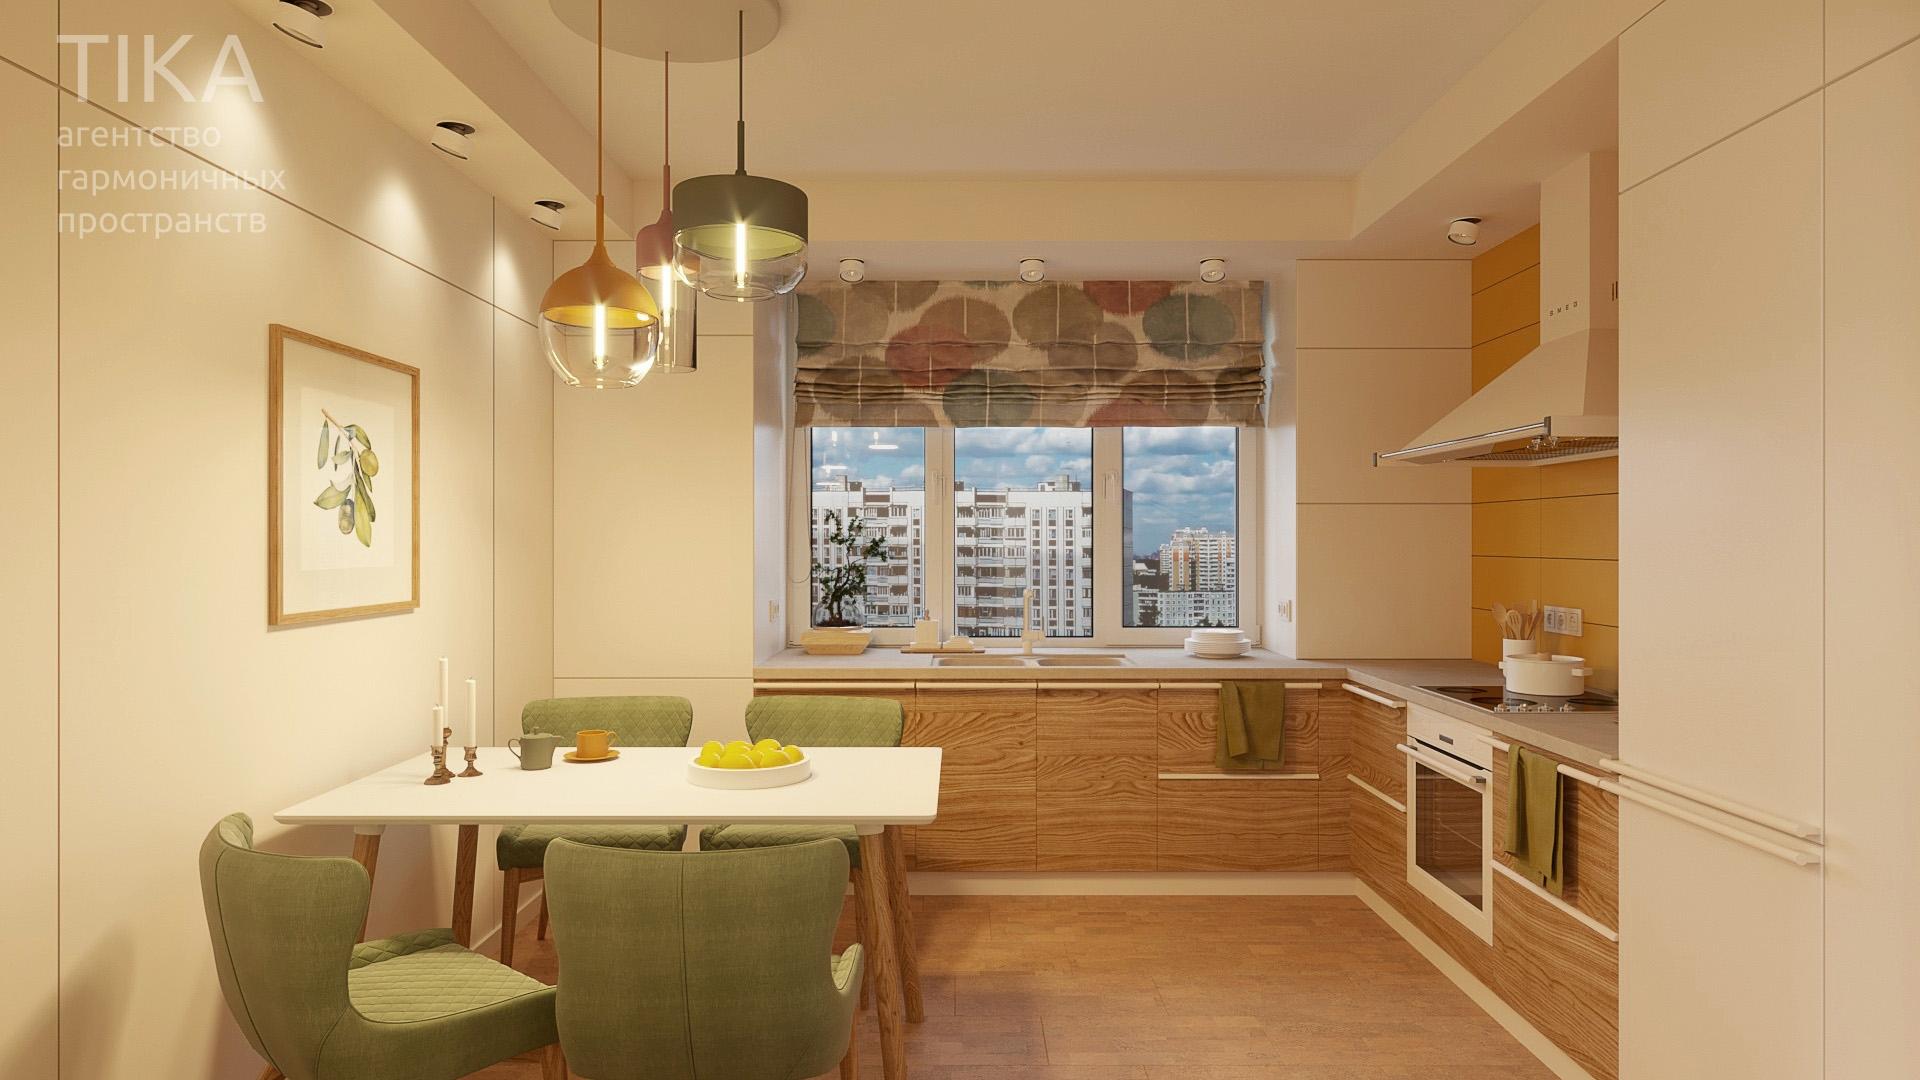 Изображение для проекта Дизайн интерьера квартиры в Москве 2132